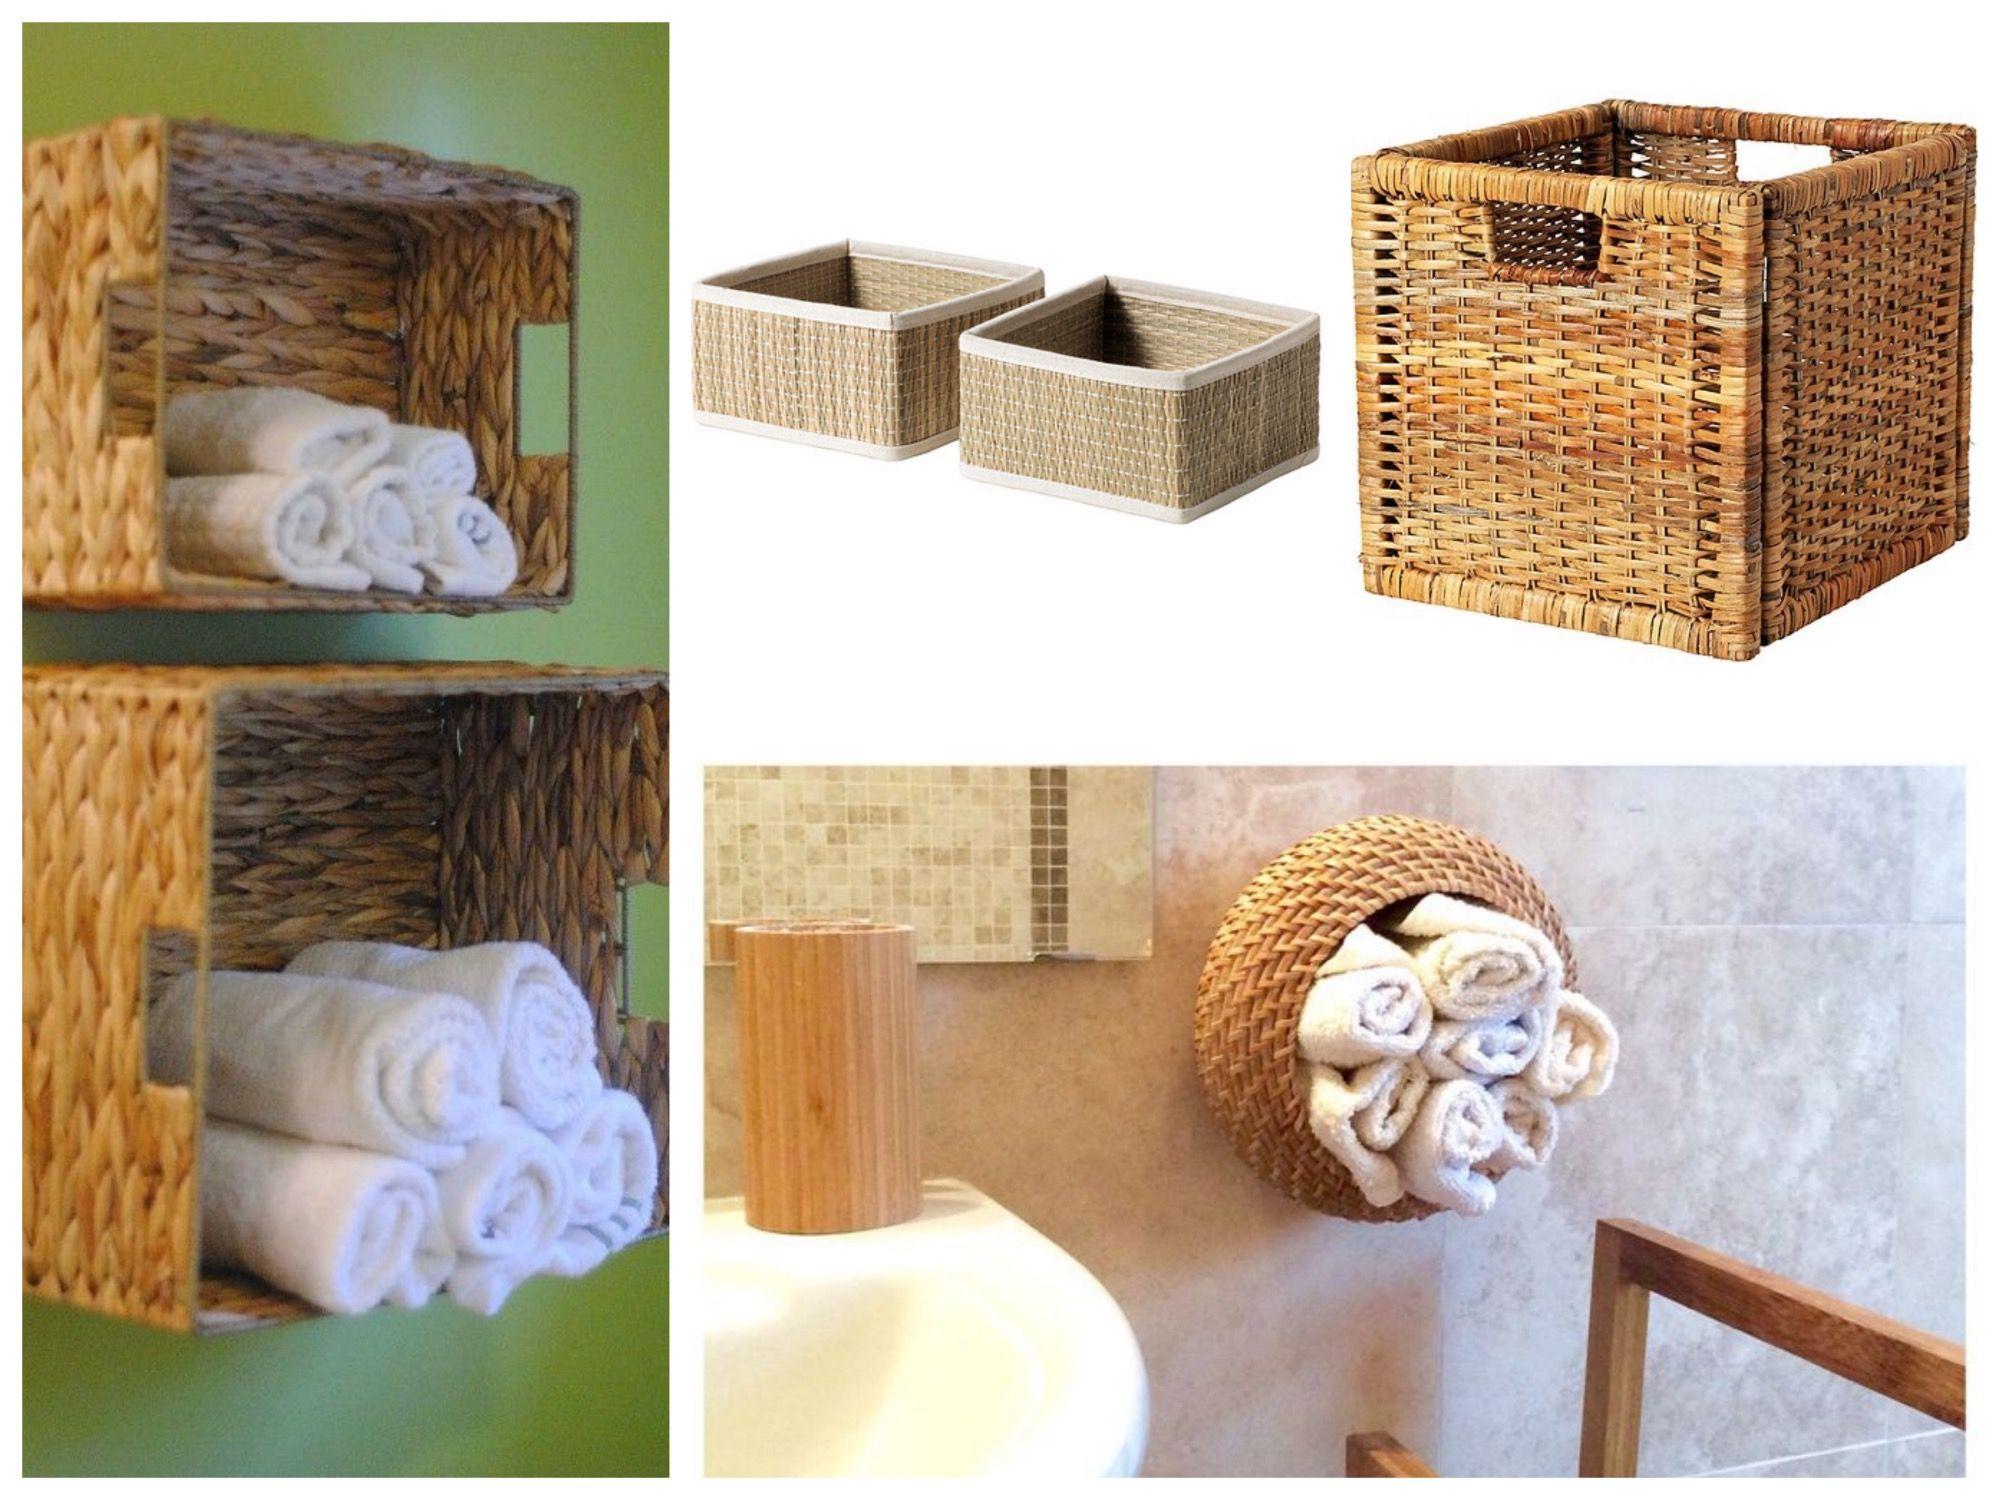 Une salle de bain IKEA Hacks ! - Clem Around The Corner  Salle de